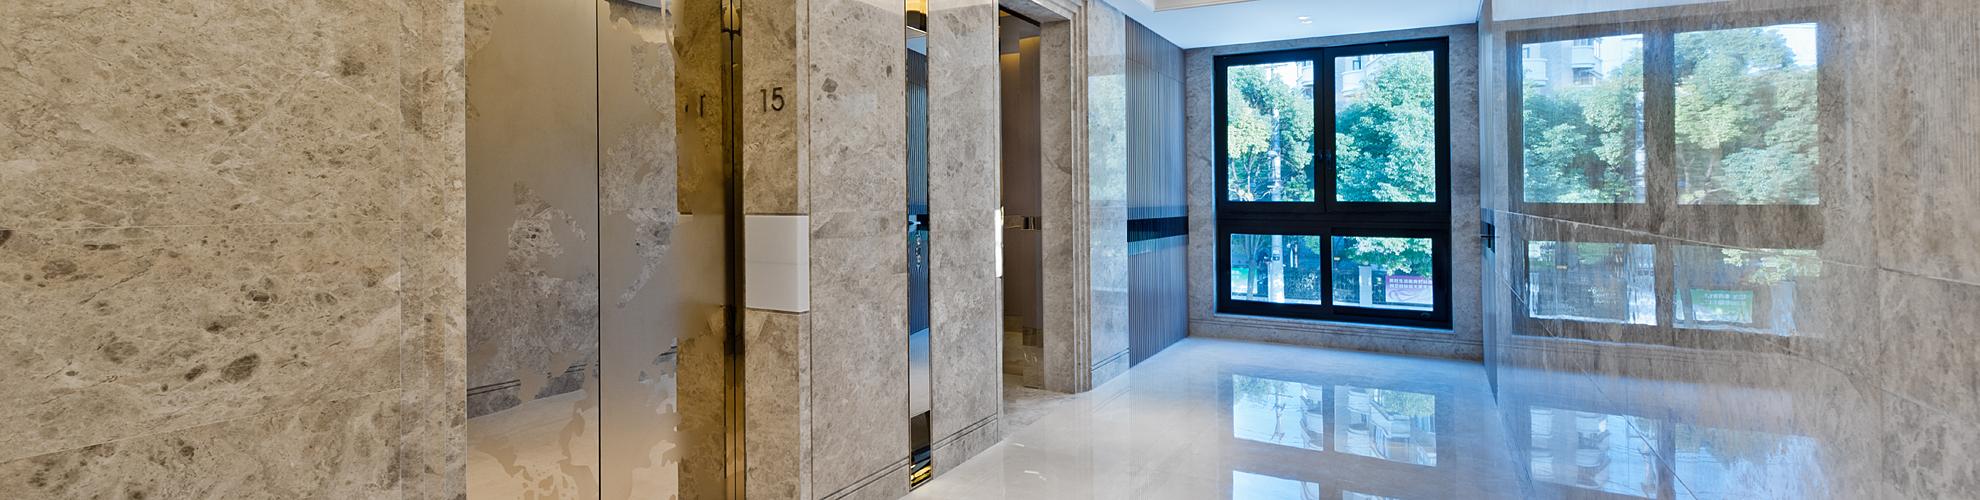 Pavimentazione e rivestimento parete in marmo